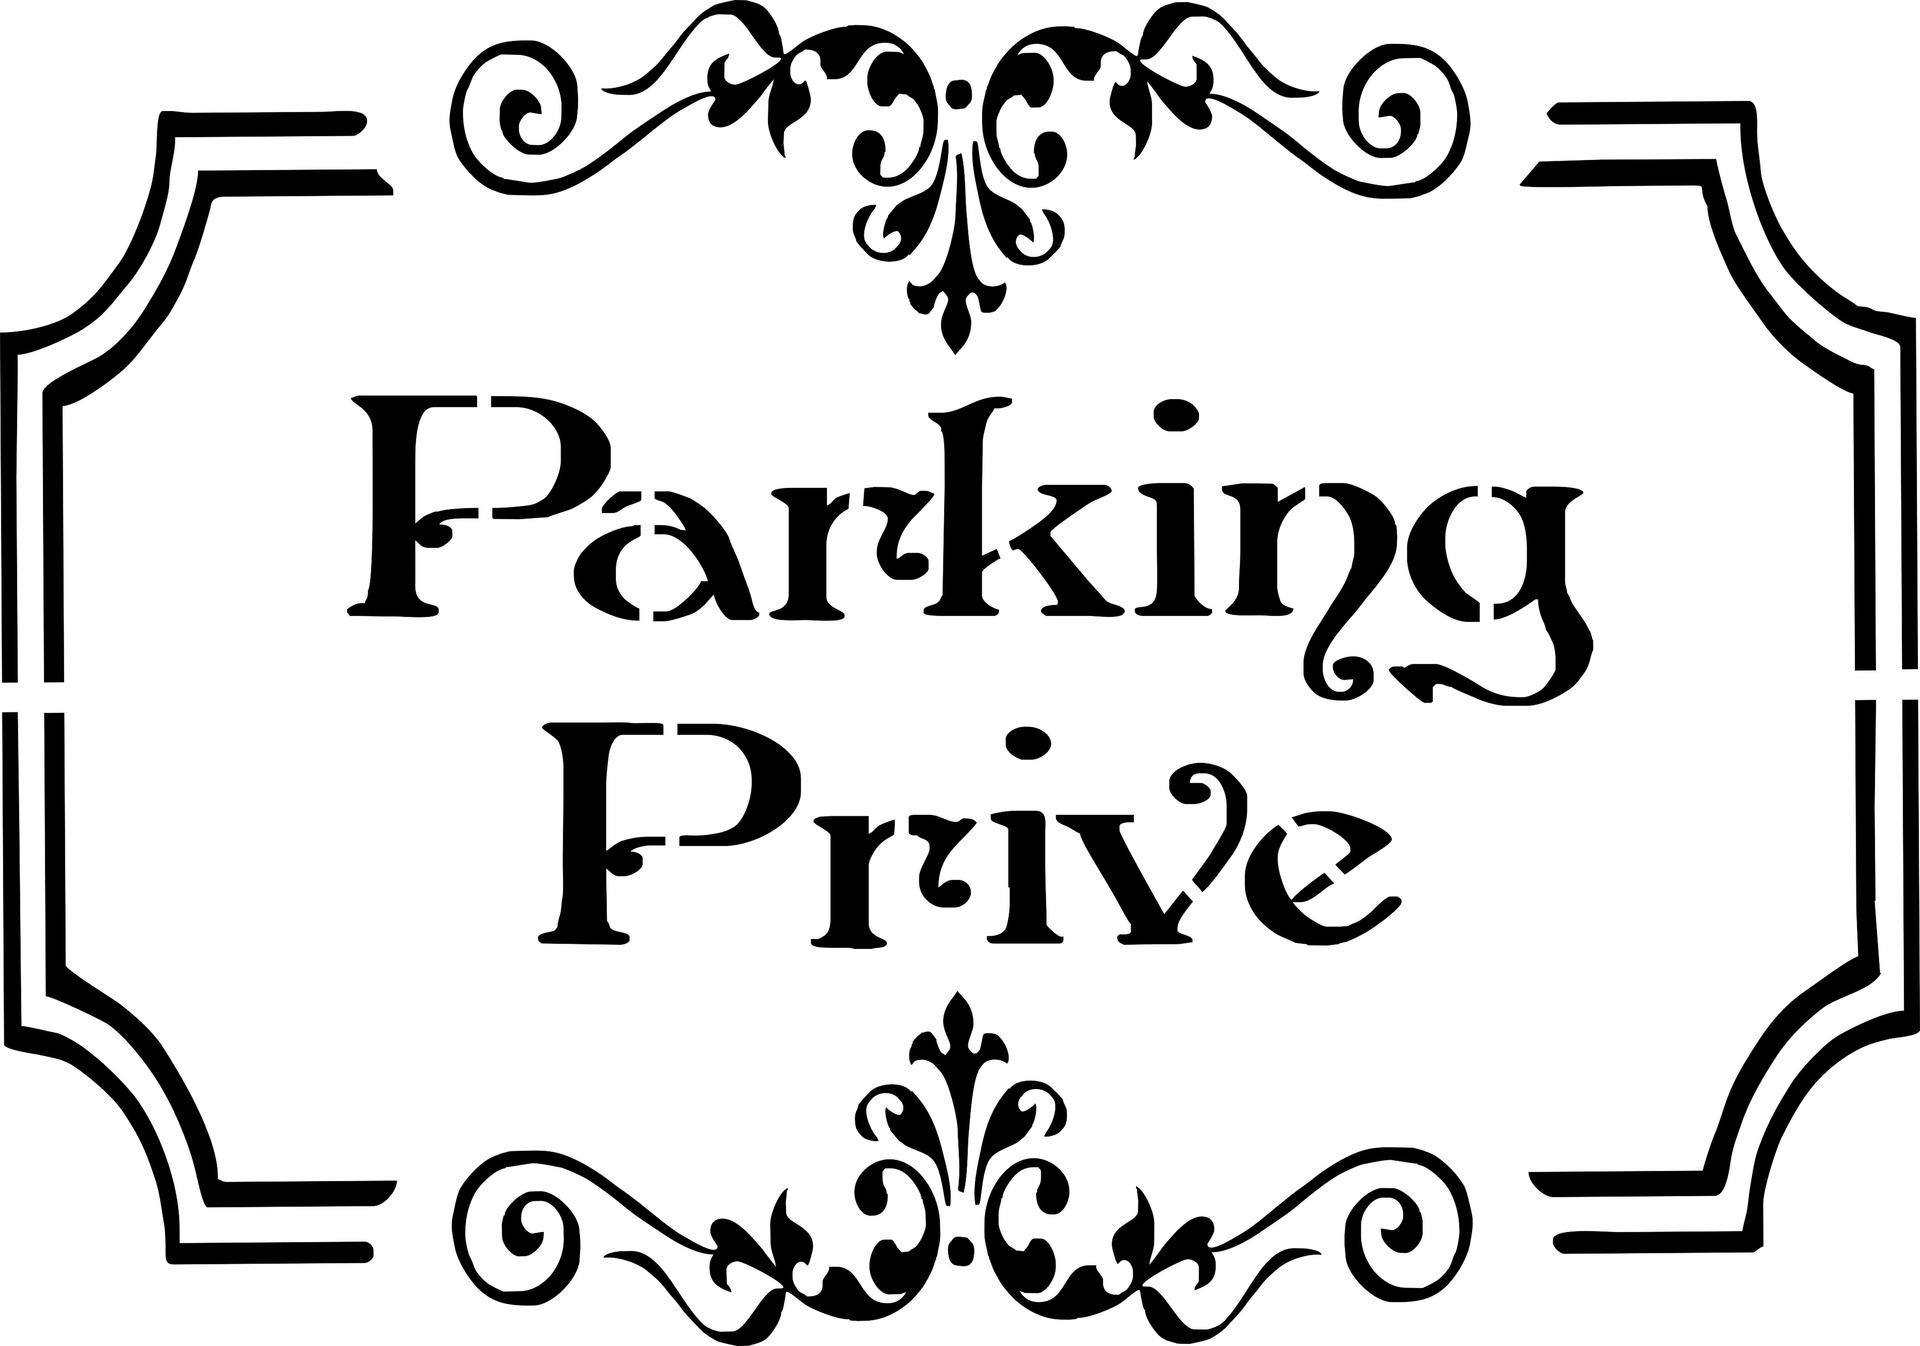 imagesparking-prive-10.jpg